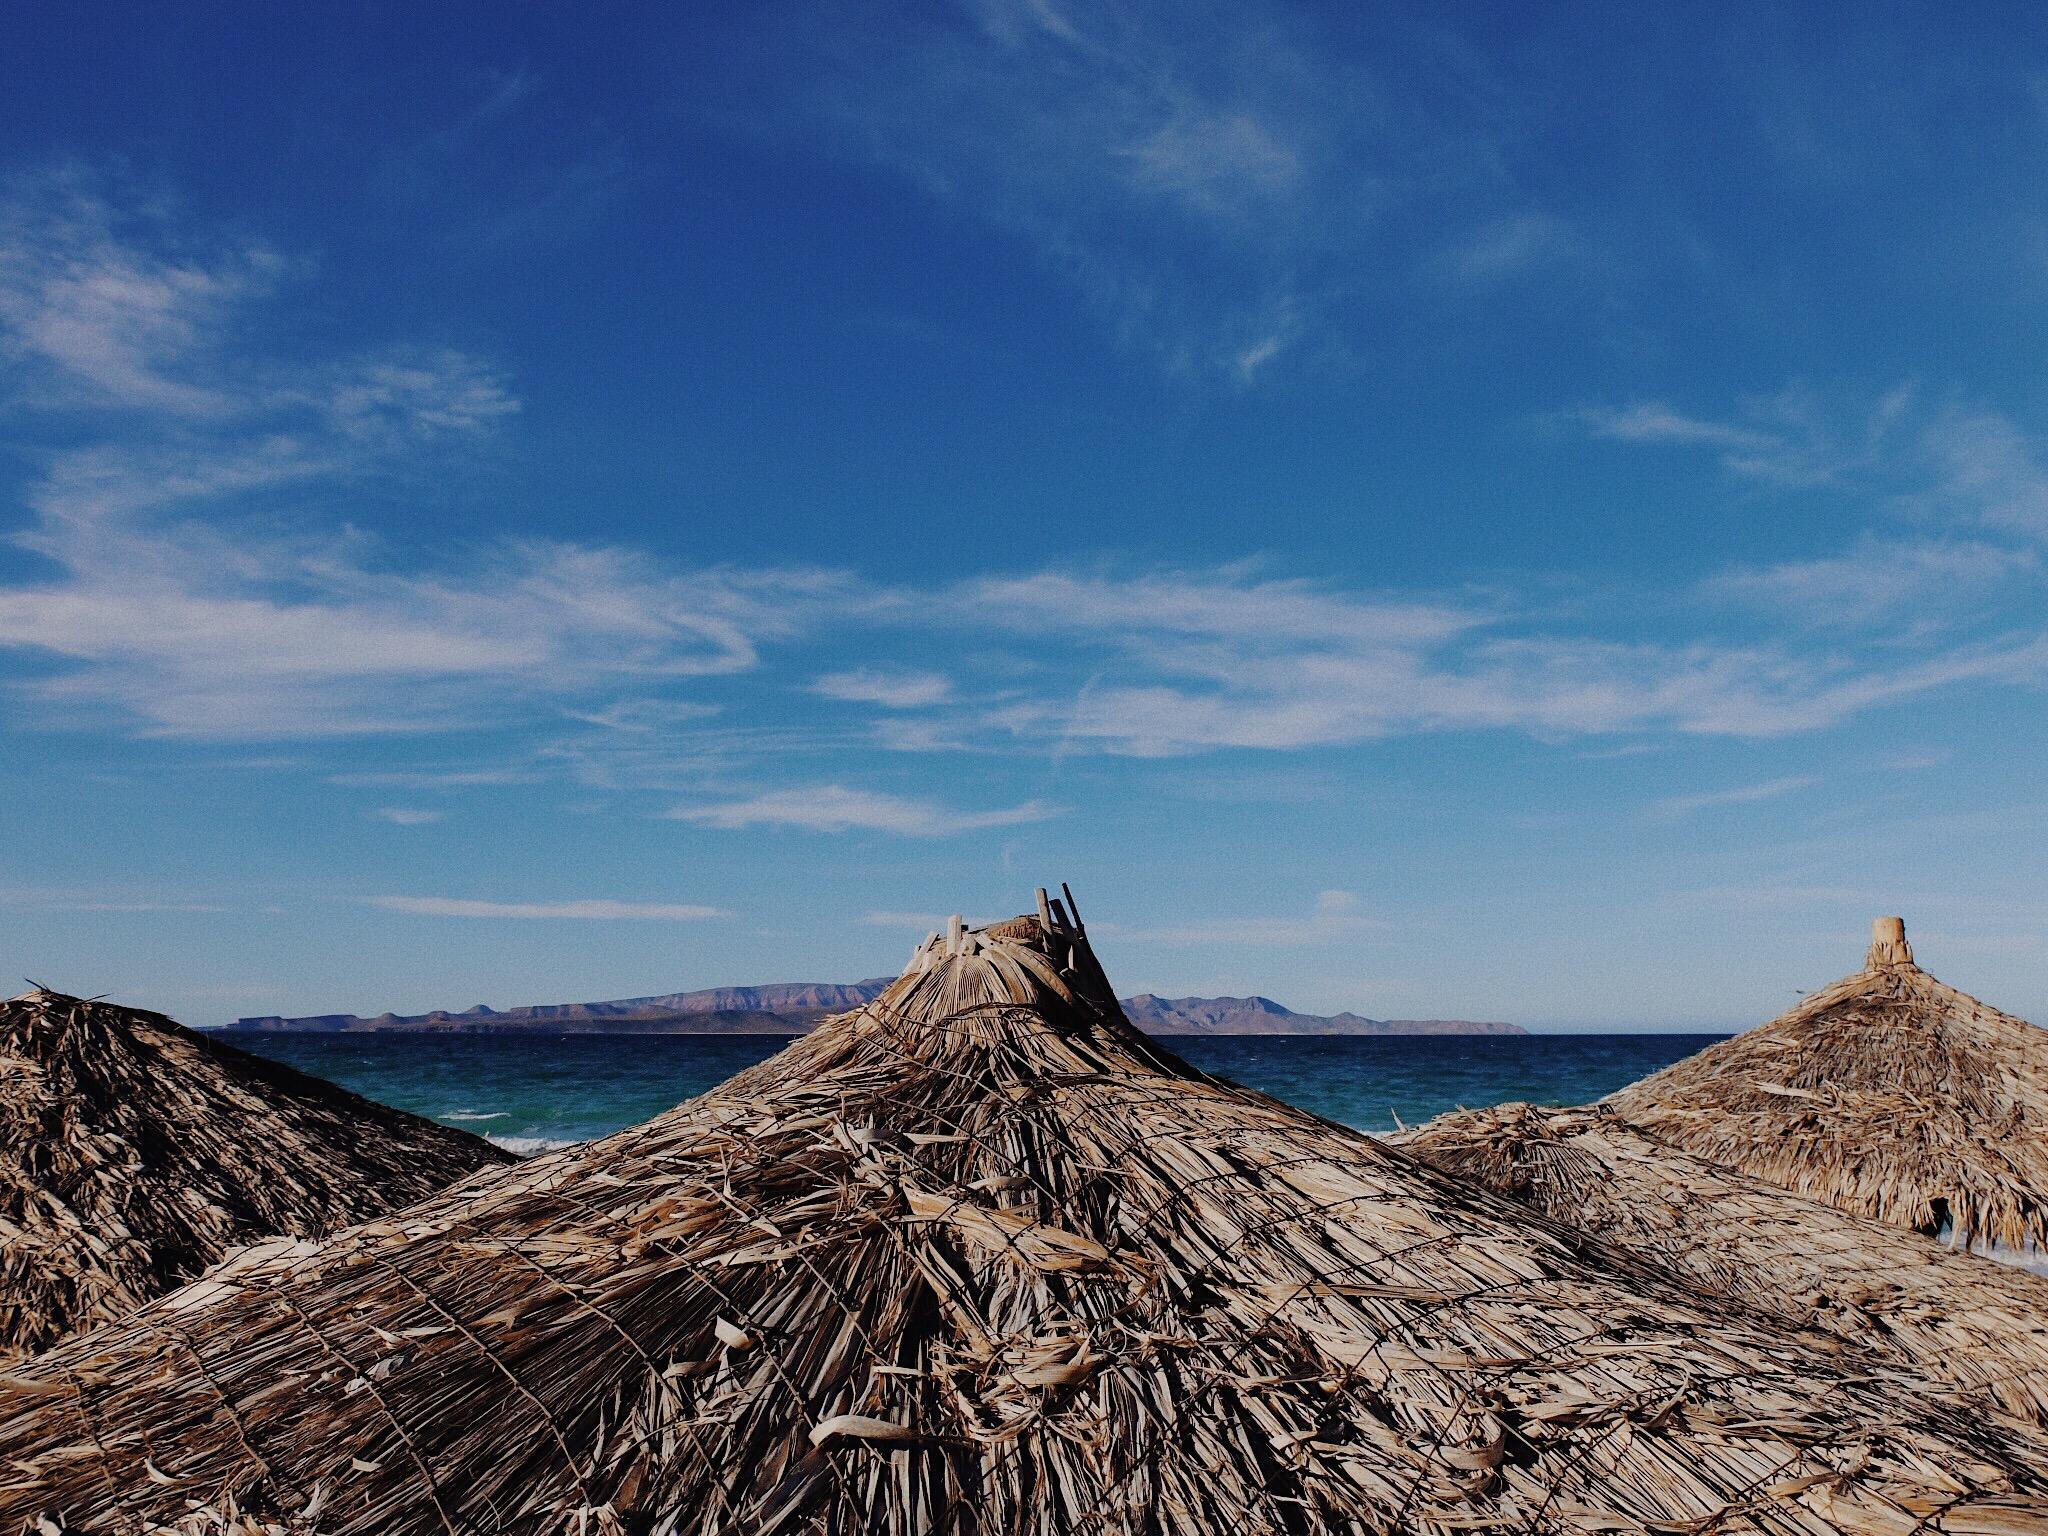 Playa El Tecolote | La Paz, Baja California Sur, México